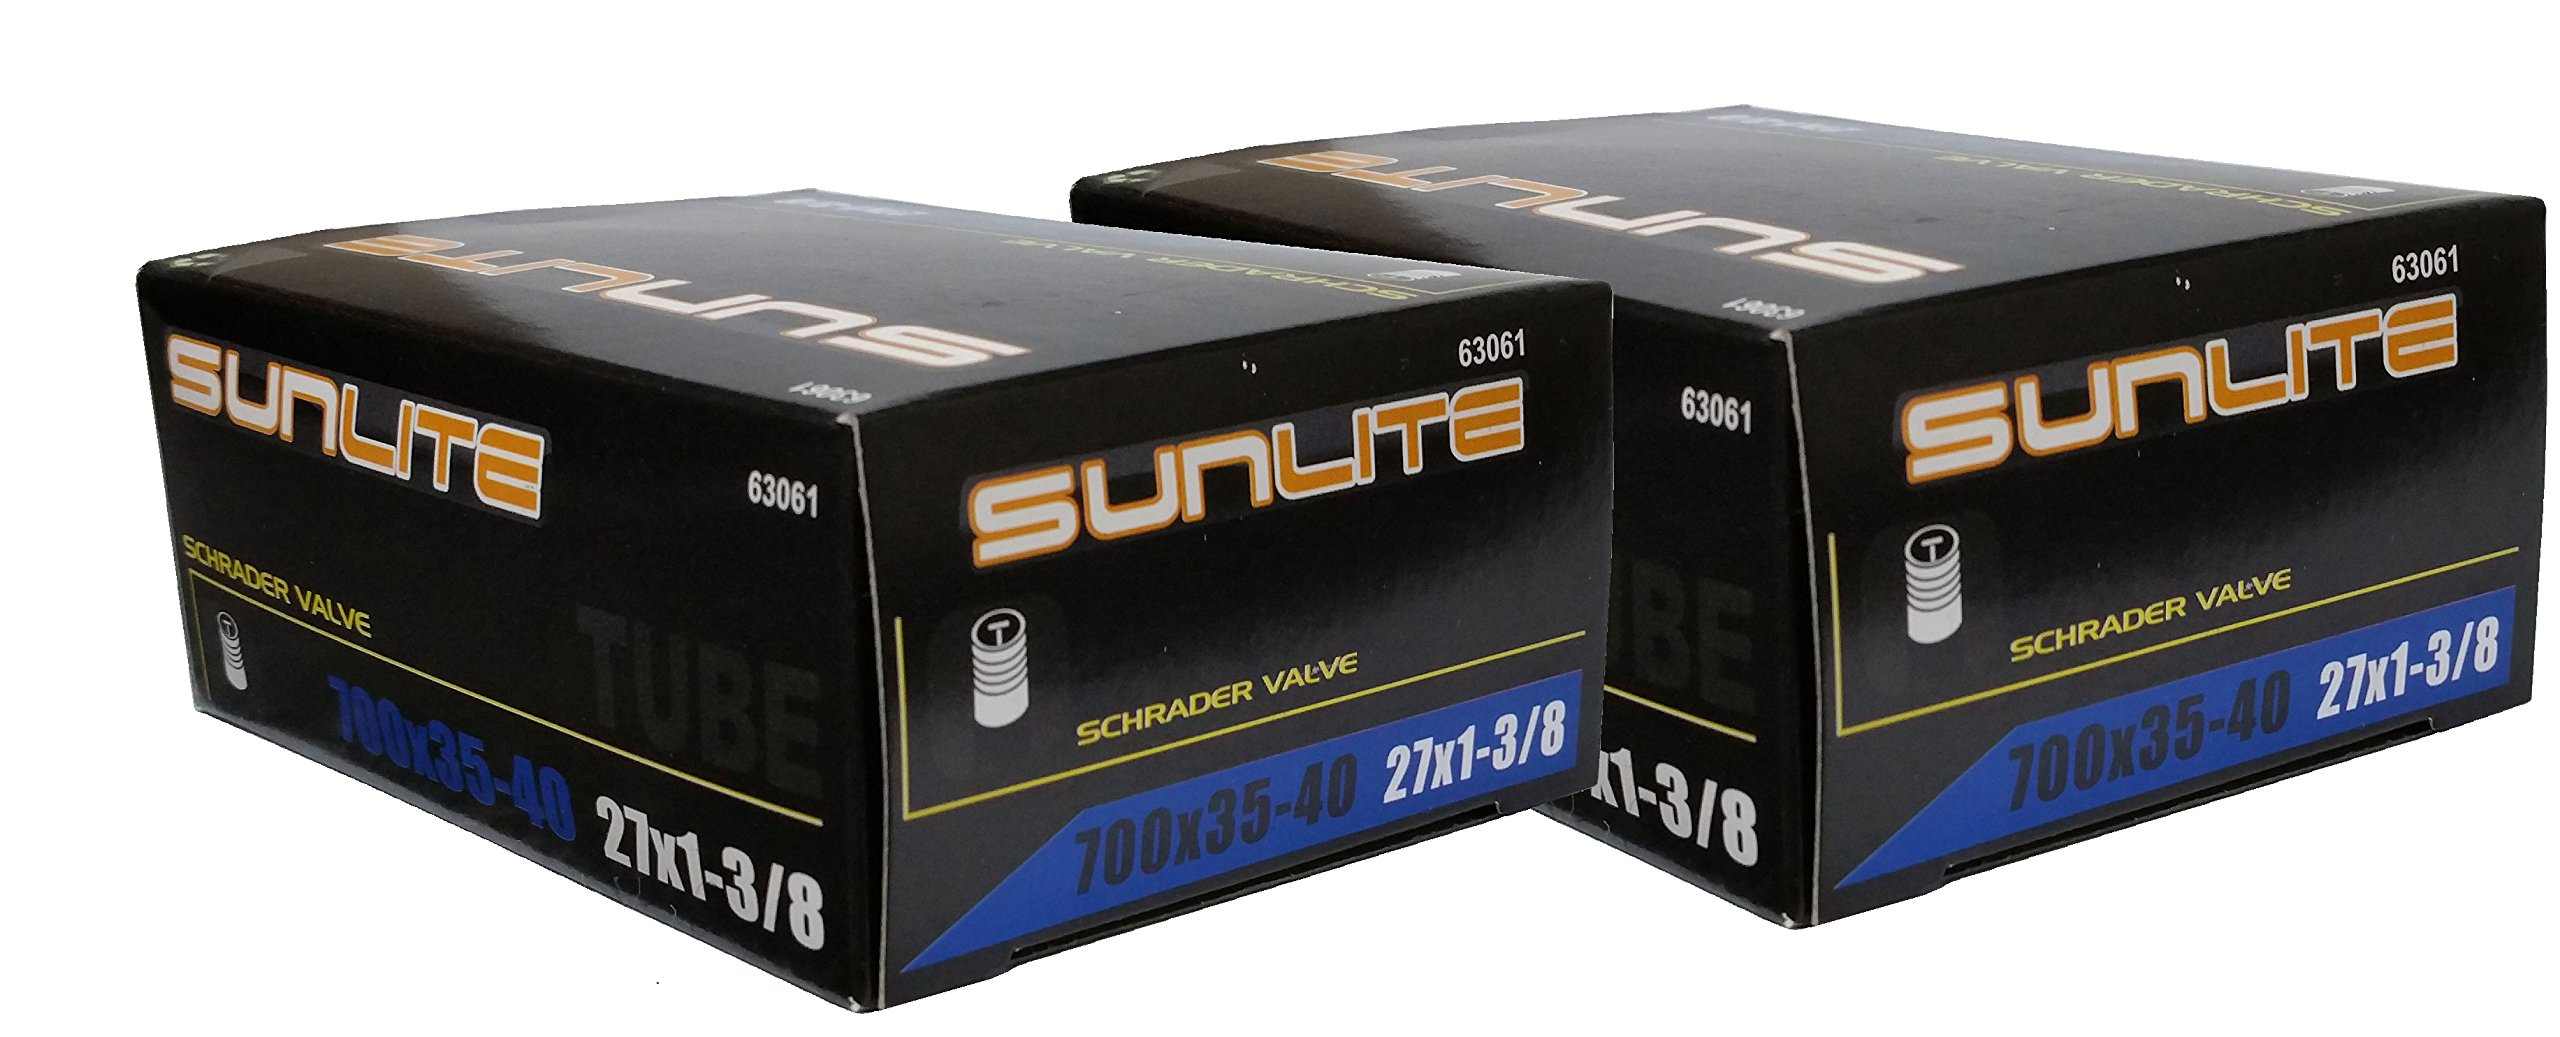 2 PACK - Tube, 700 x 35-40 (27 x 1-3/8) SCHRADER Valve 32mm, Sunlite